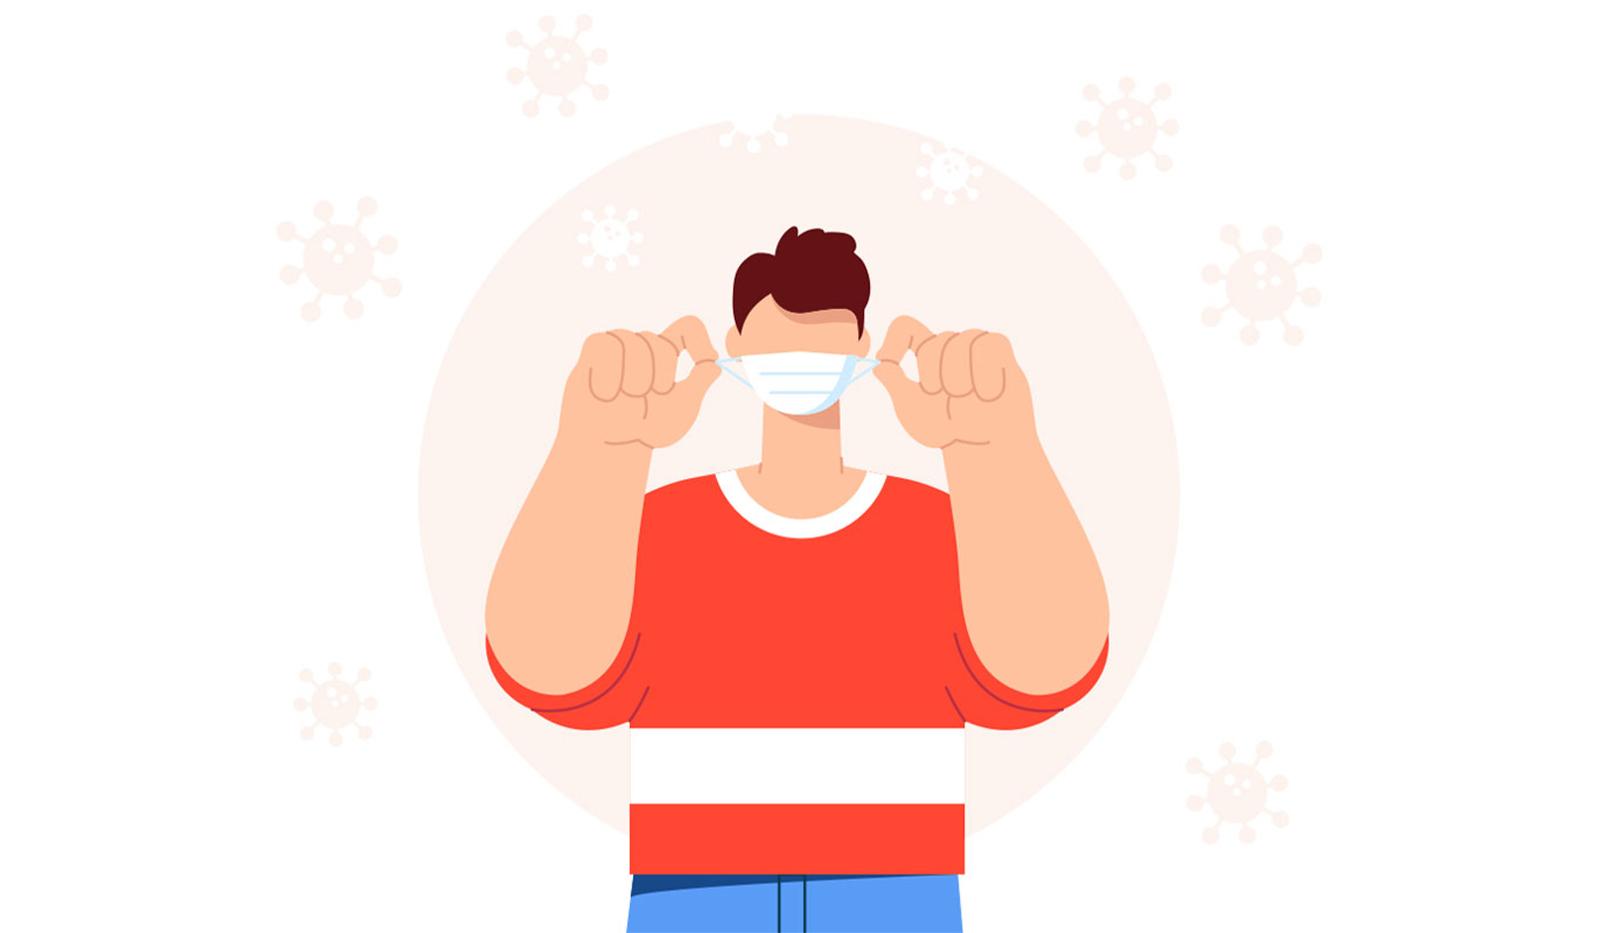 Keine Maske dank sauberer & gesunder Luft in geschlossenen Räumen